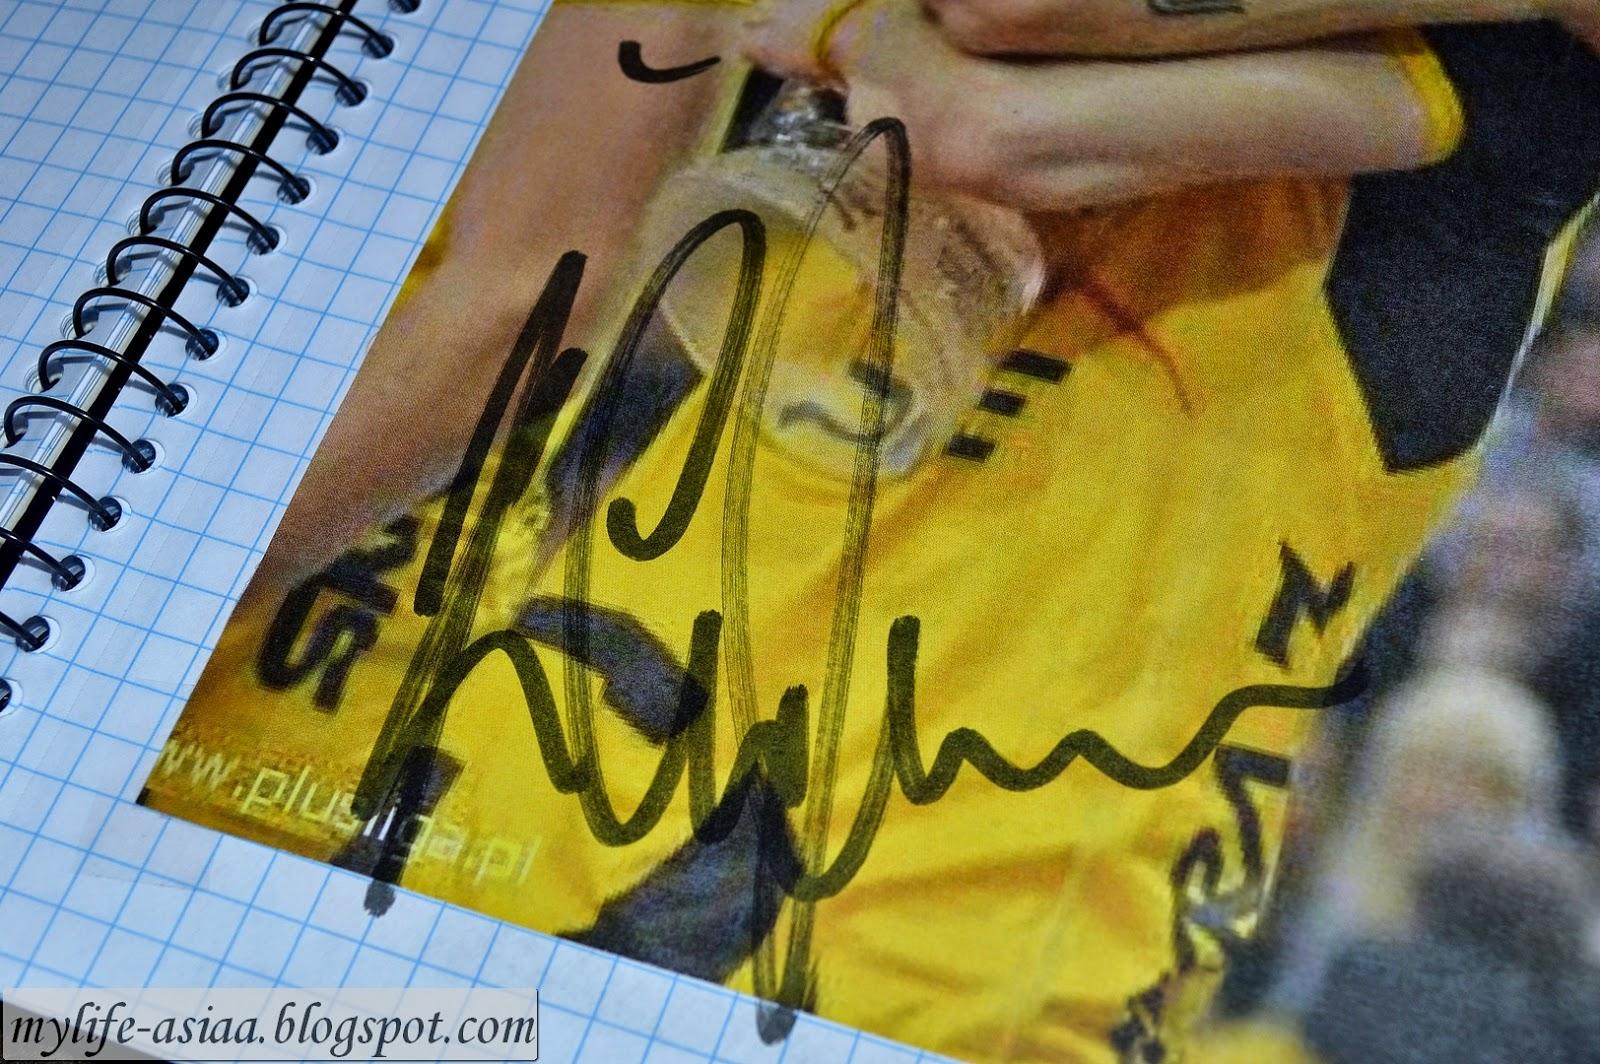 Cupko autograf